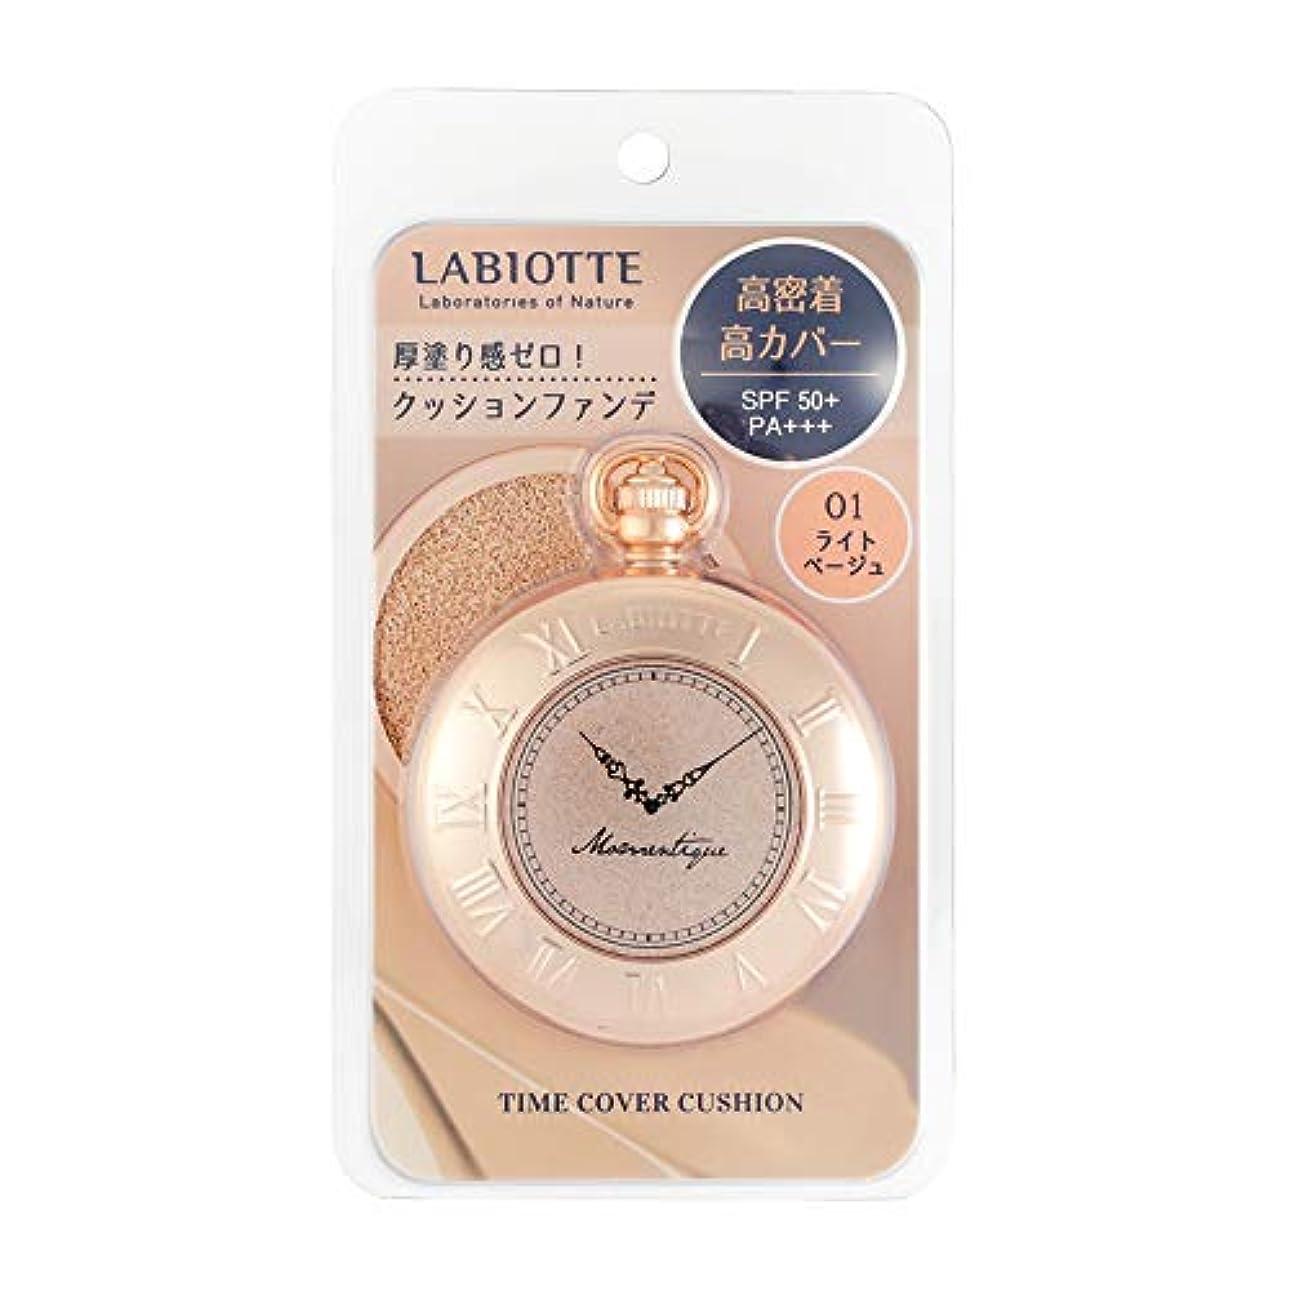 略奪結晶かるLABIOTTE(ラビオッテ) タイムカバークッションファンデ 01 ライトベージュ (13g)